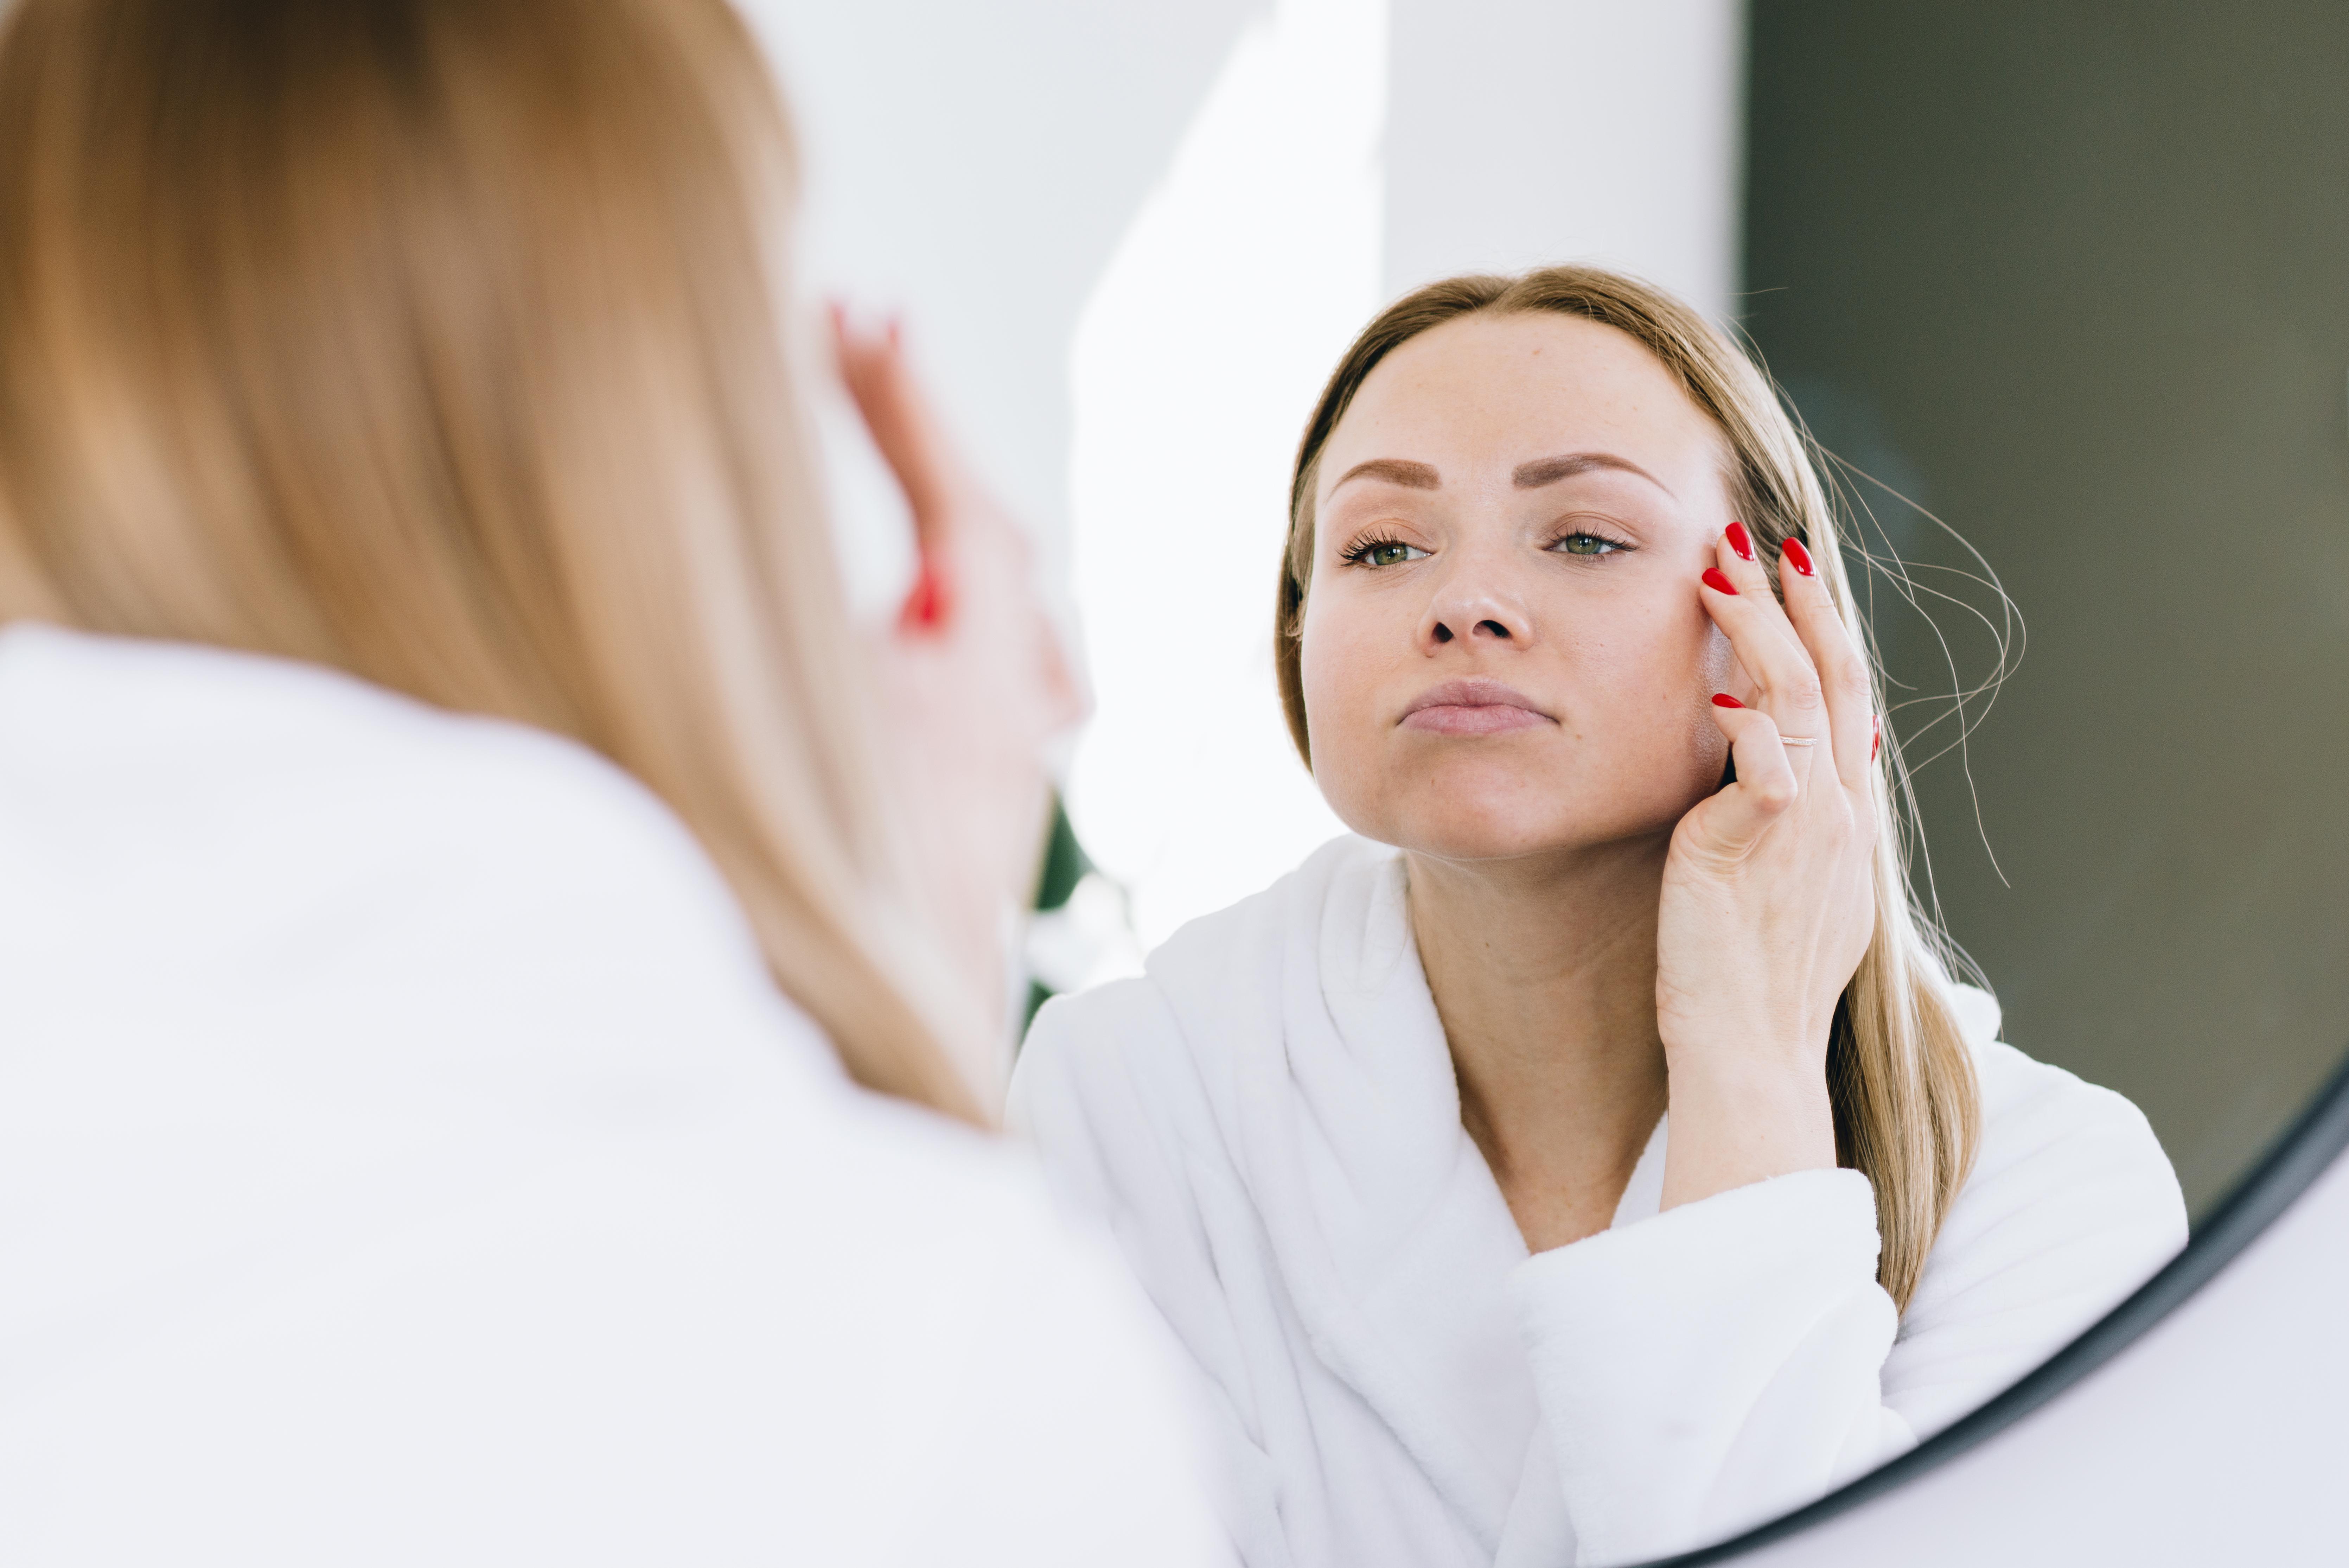 روتین روزانه مراقبت از پوست